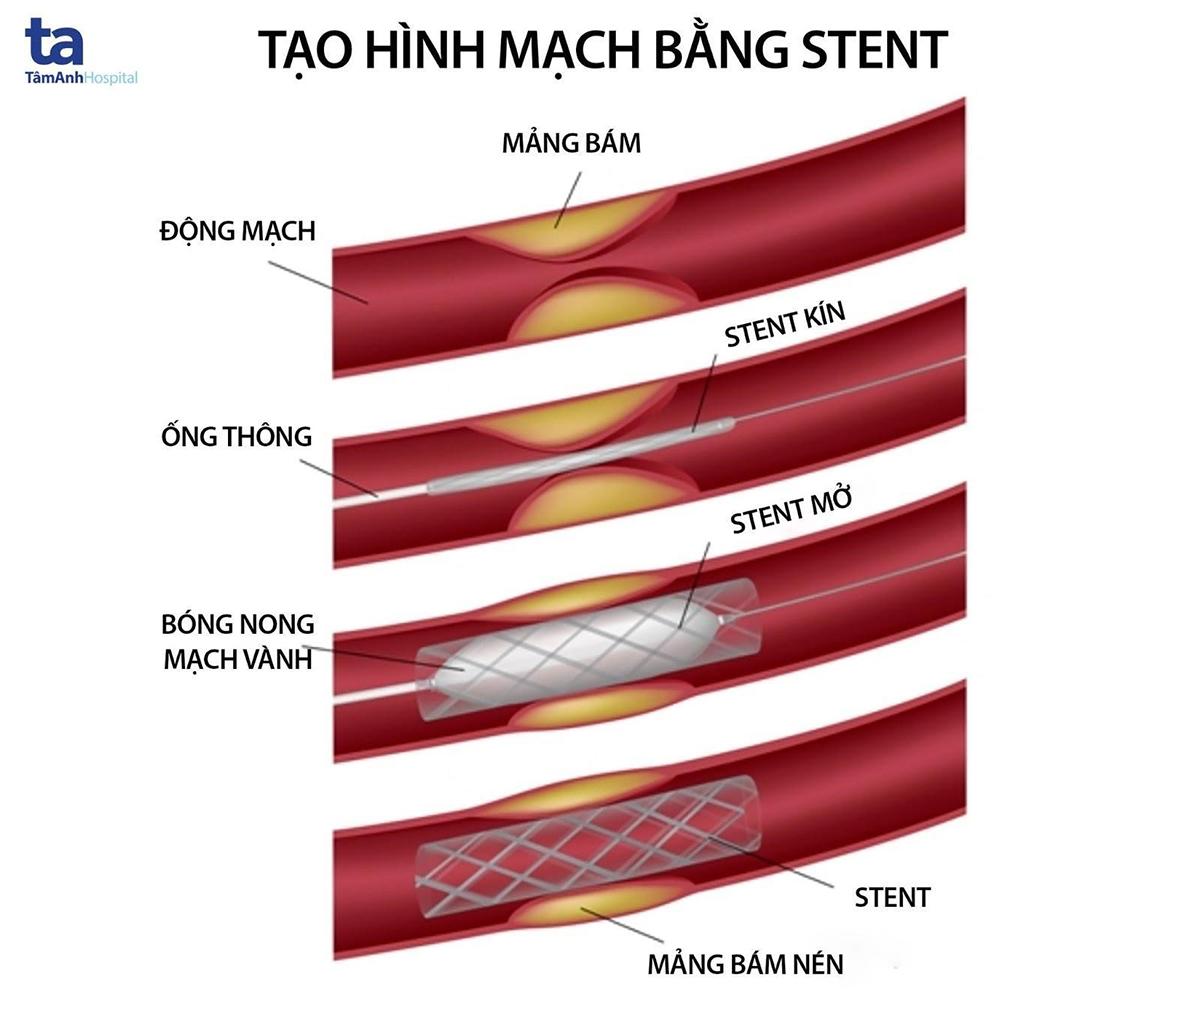 Stent có thể nong rộng tùy theo kích thước mạch máu.